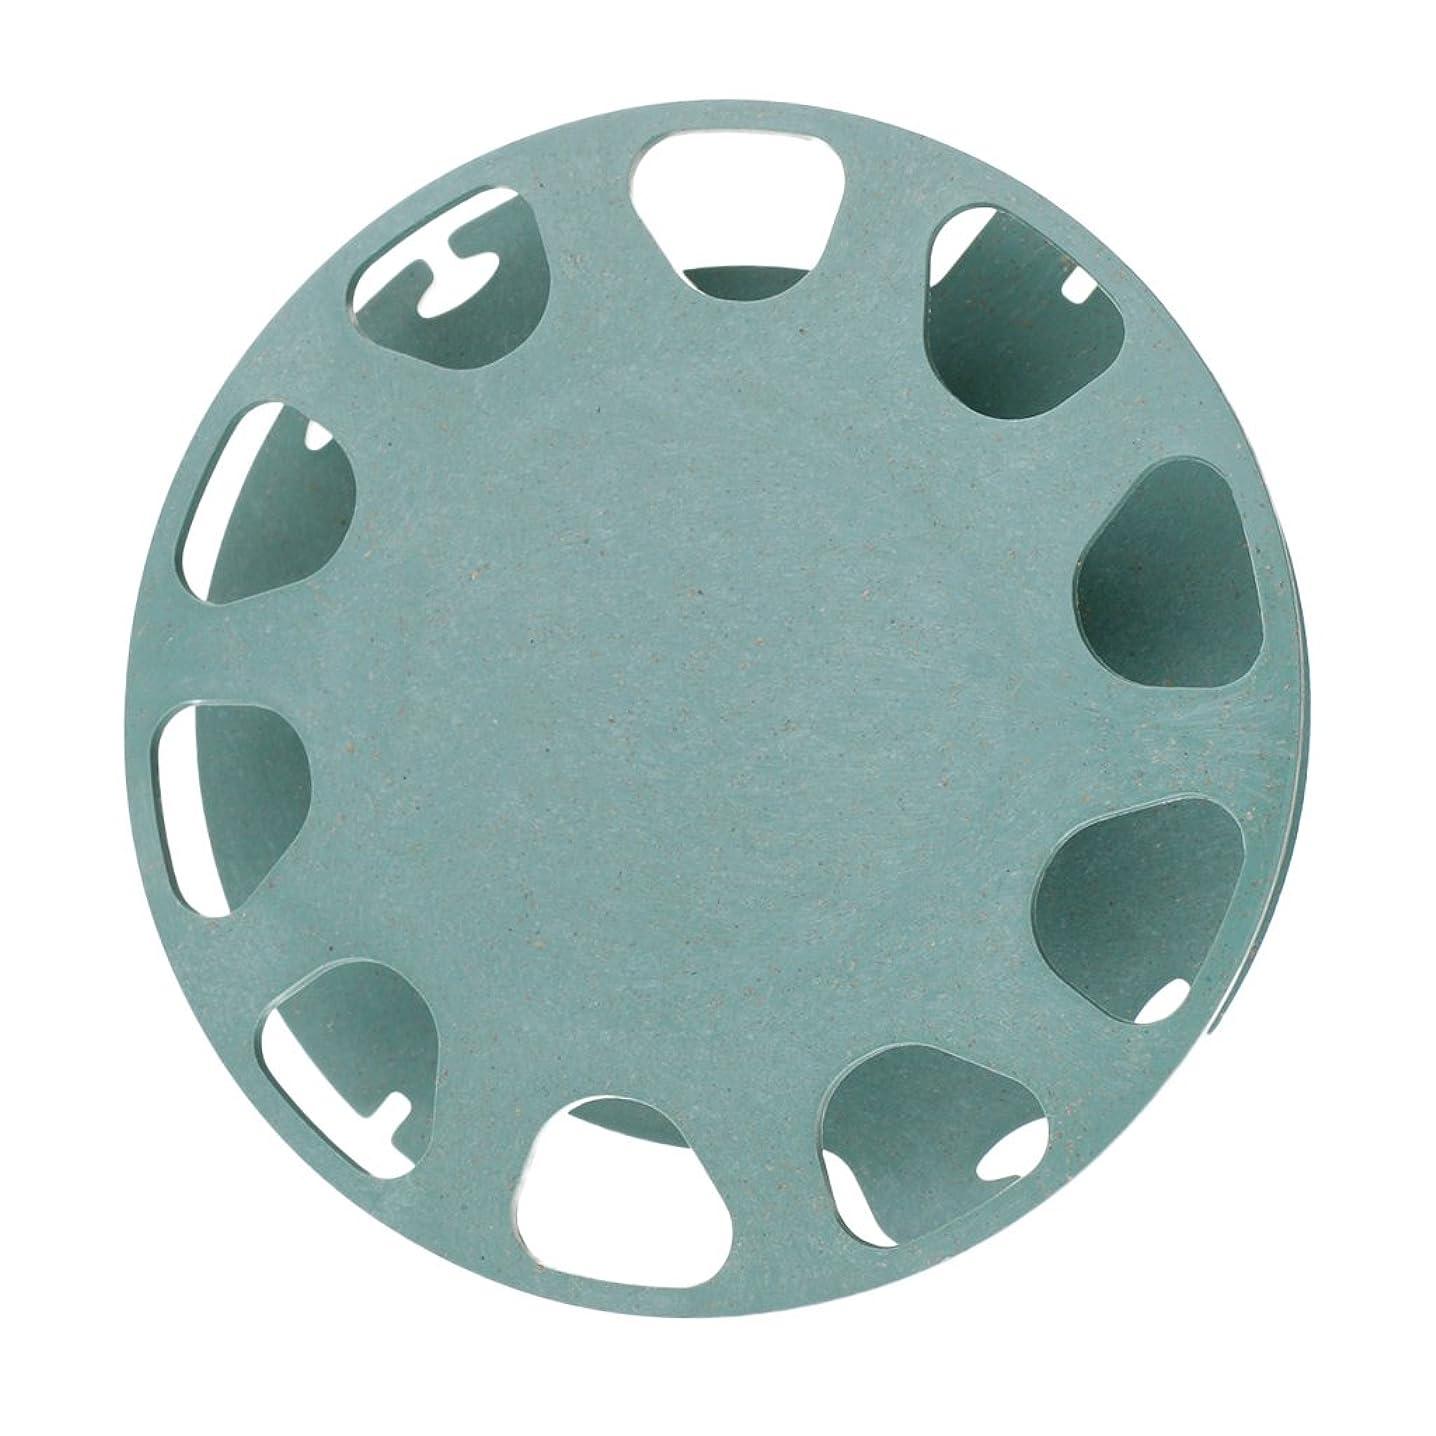 アレルギーブロー六プラスチック スプール 巻線板 釣り糸用 丸形 タックル ボビン ラインボード 整理ツール グリーン